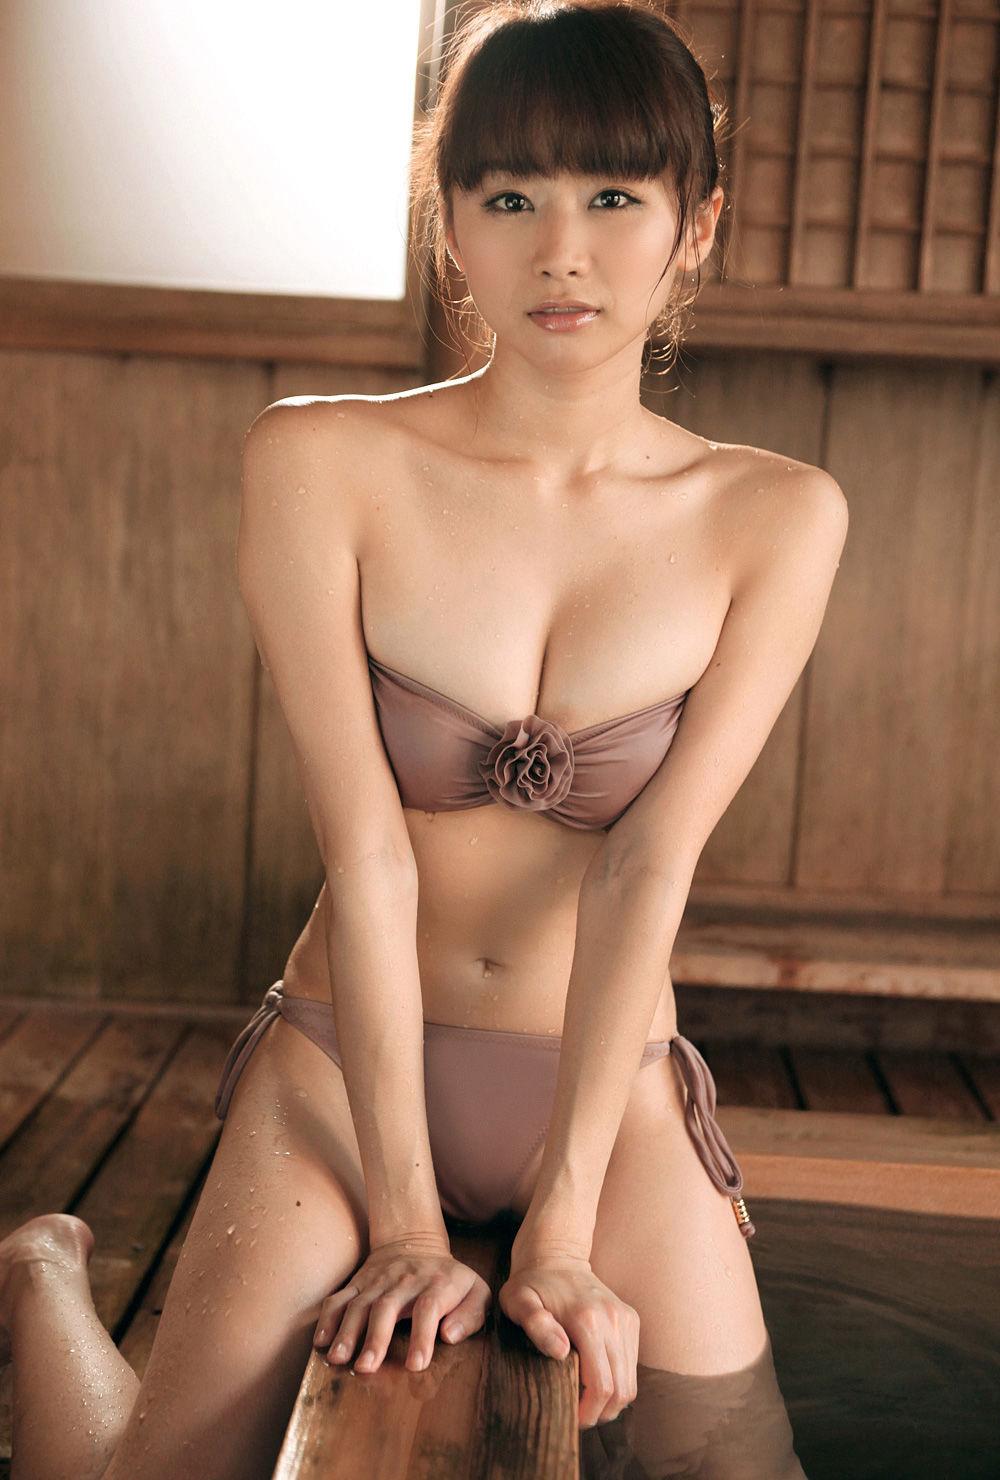 青島あきな 画像 79